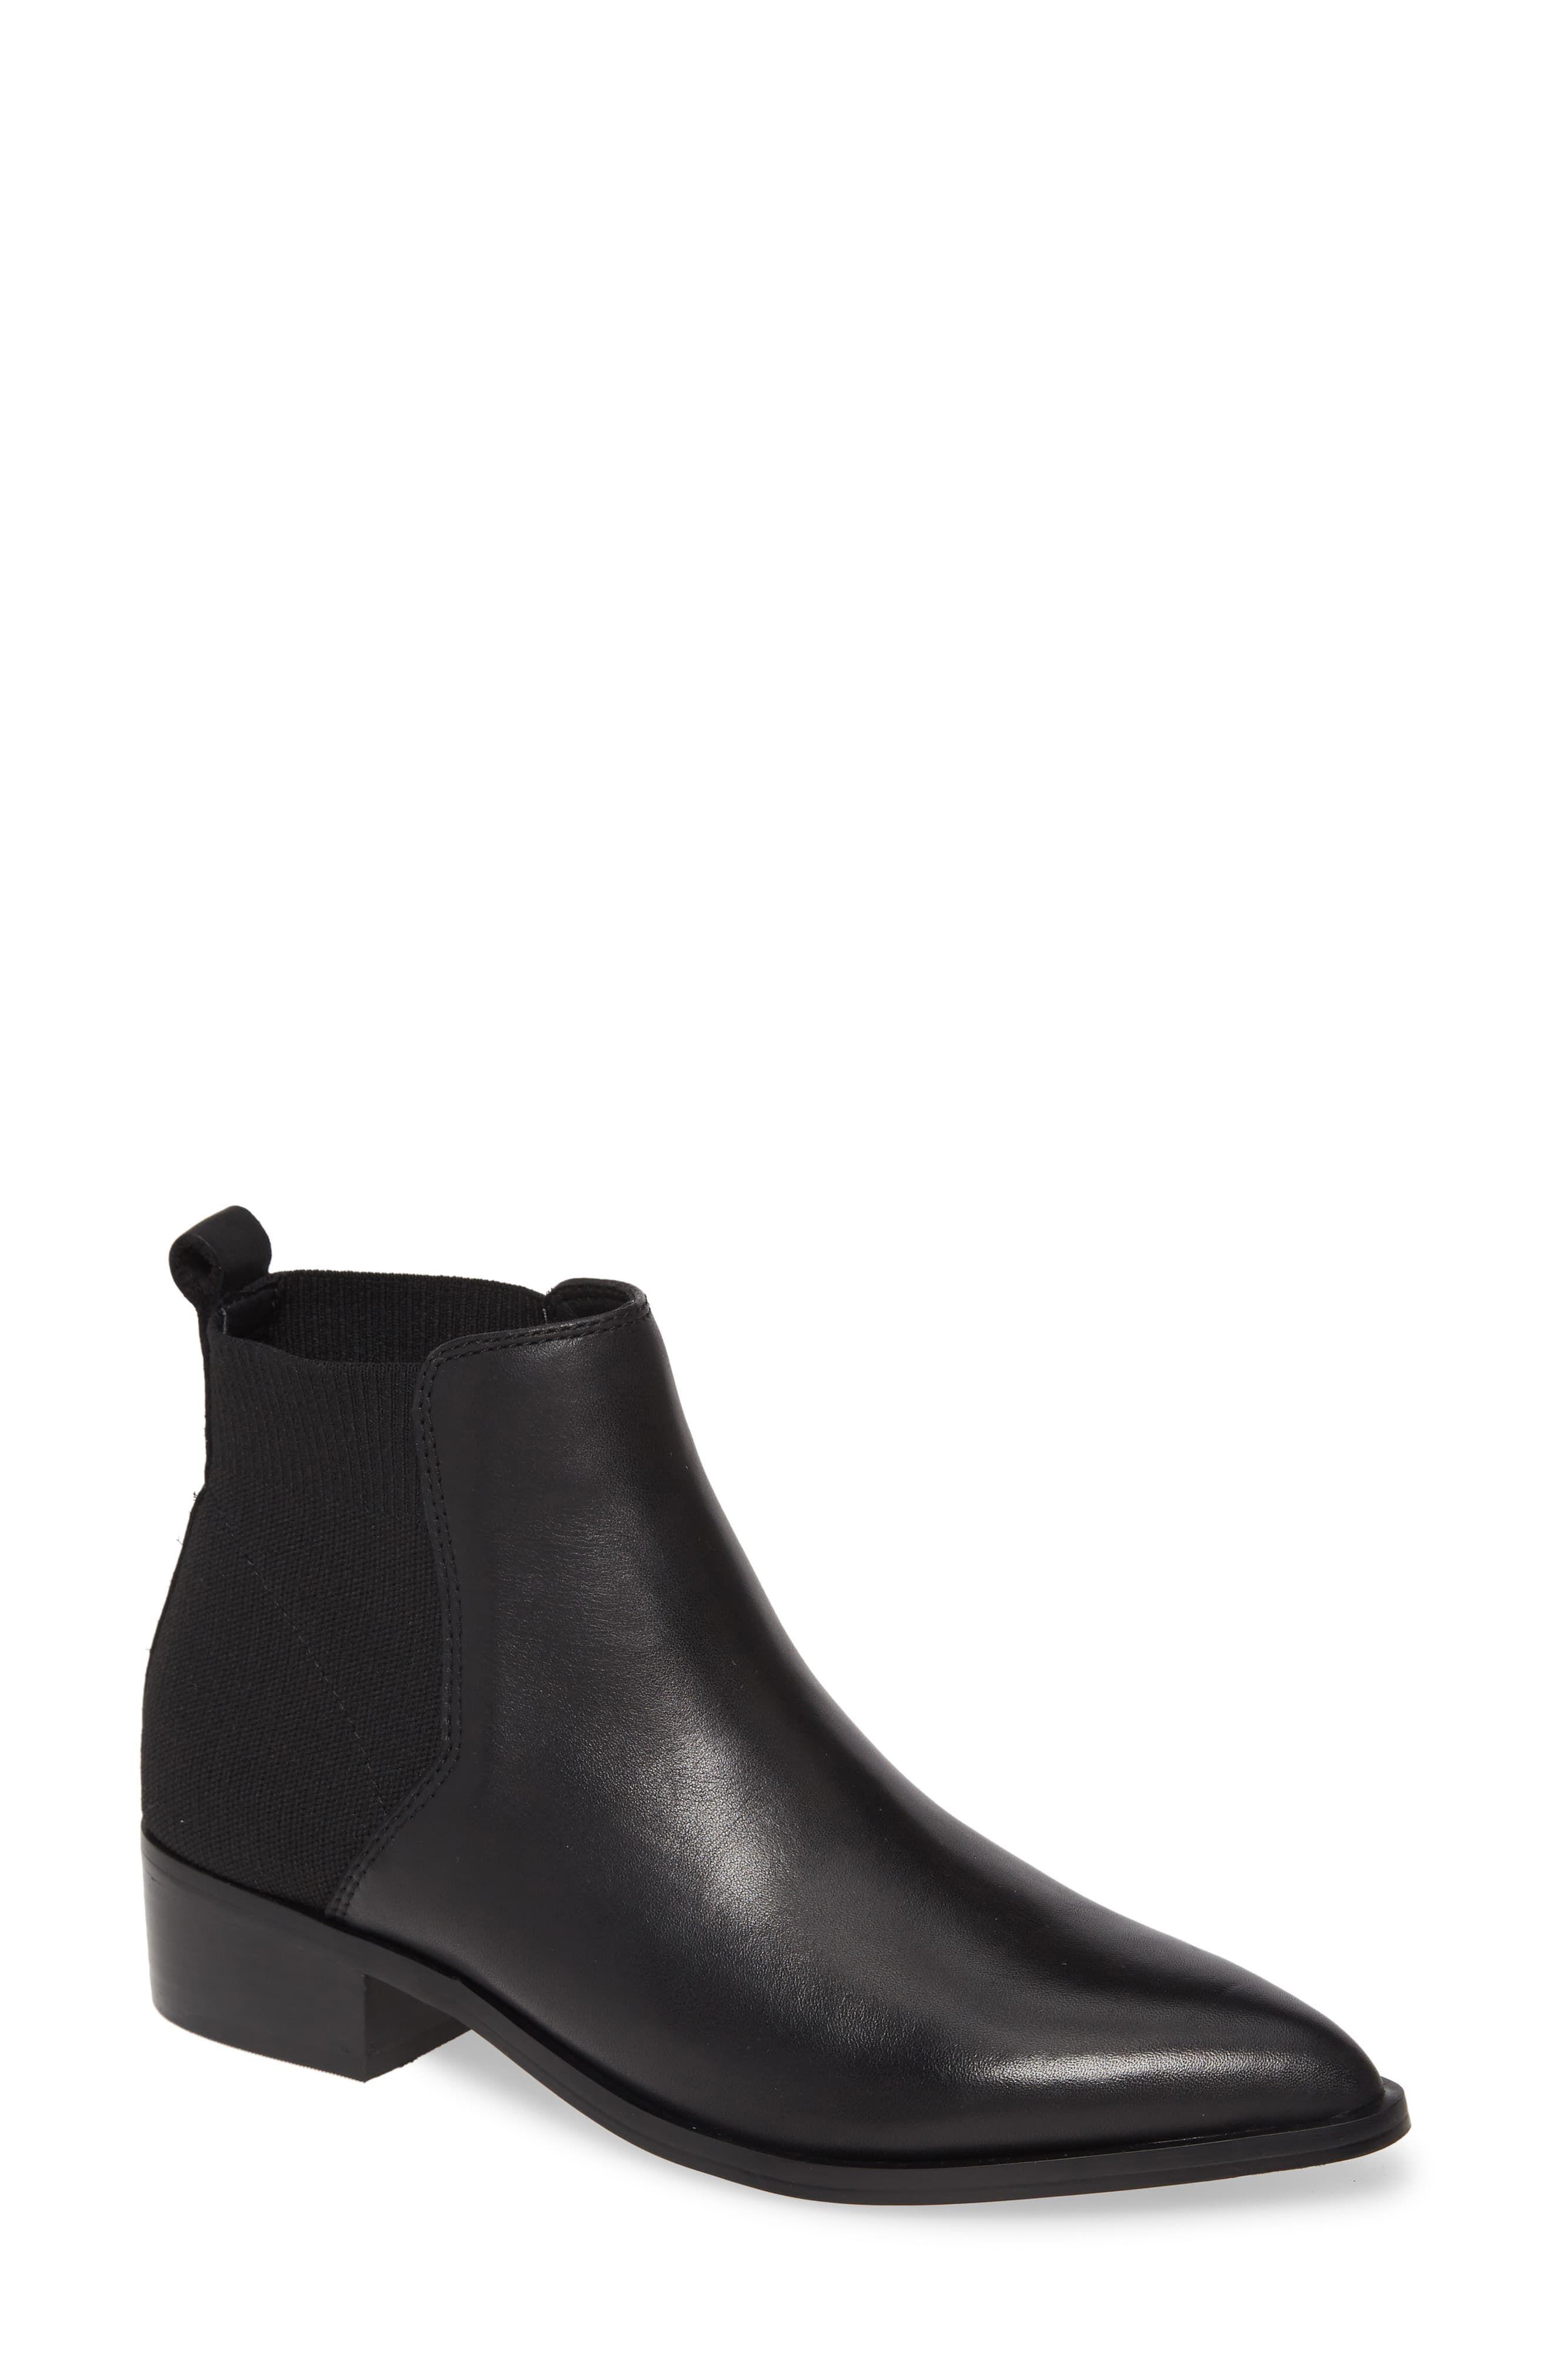 Steve Madden Girls Startir Fashion Boots